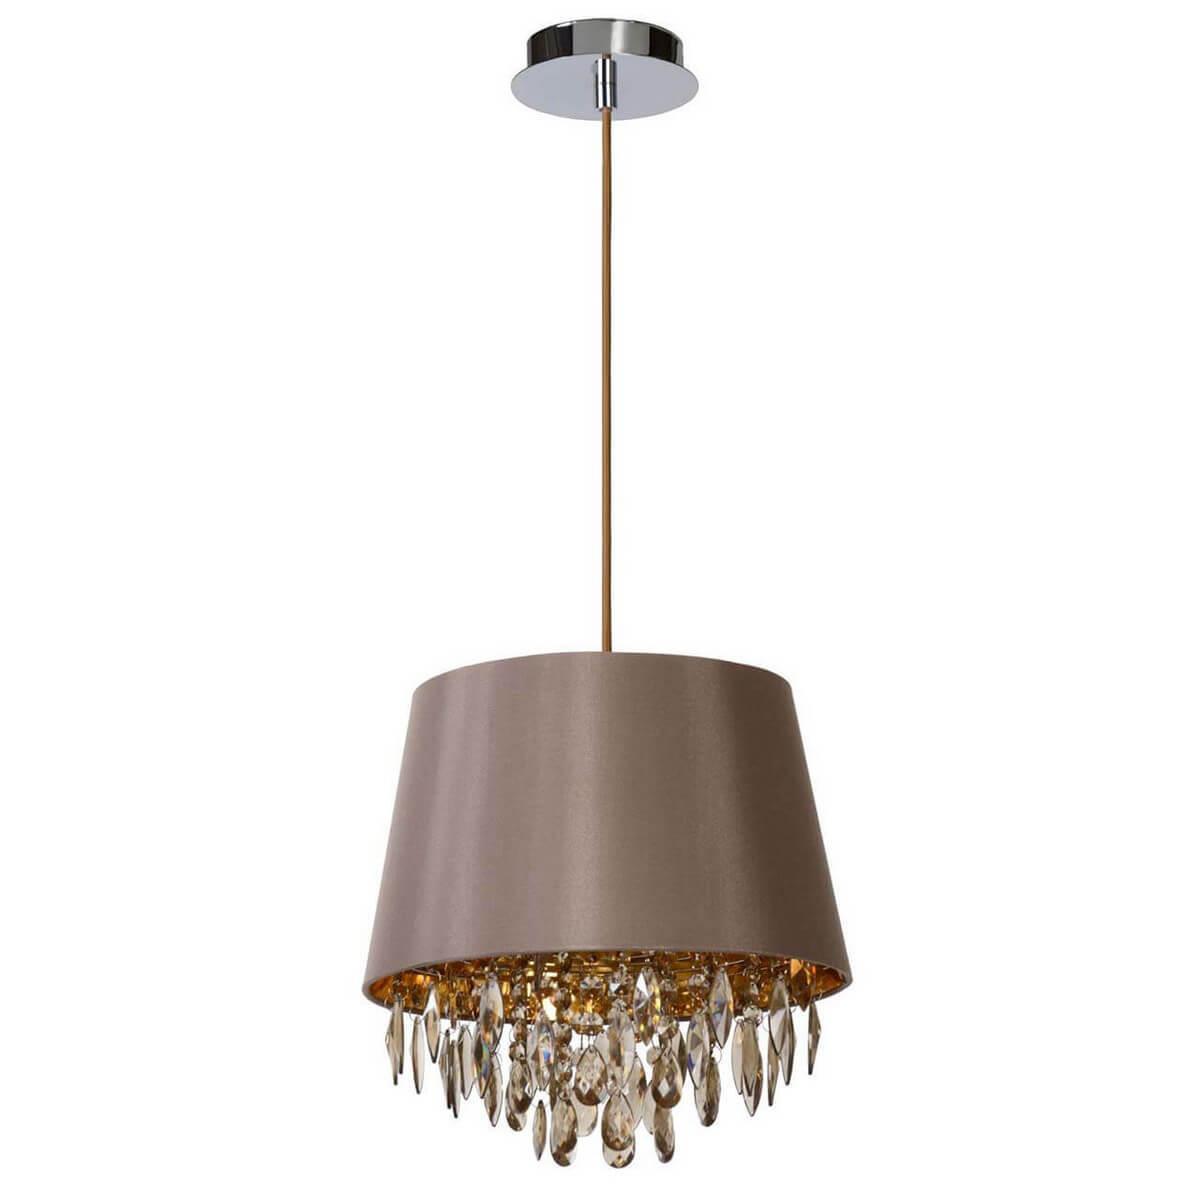 Подвесной светильник Lucide 78368/30/41, E27, 24 Вт подвесной светильник lucide dolti 78368 45 31